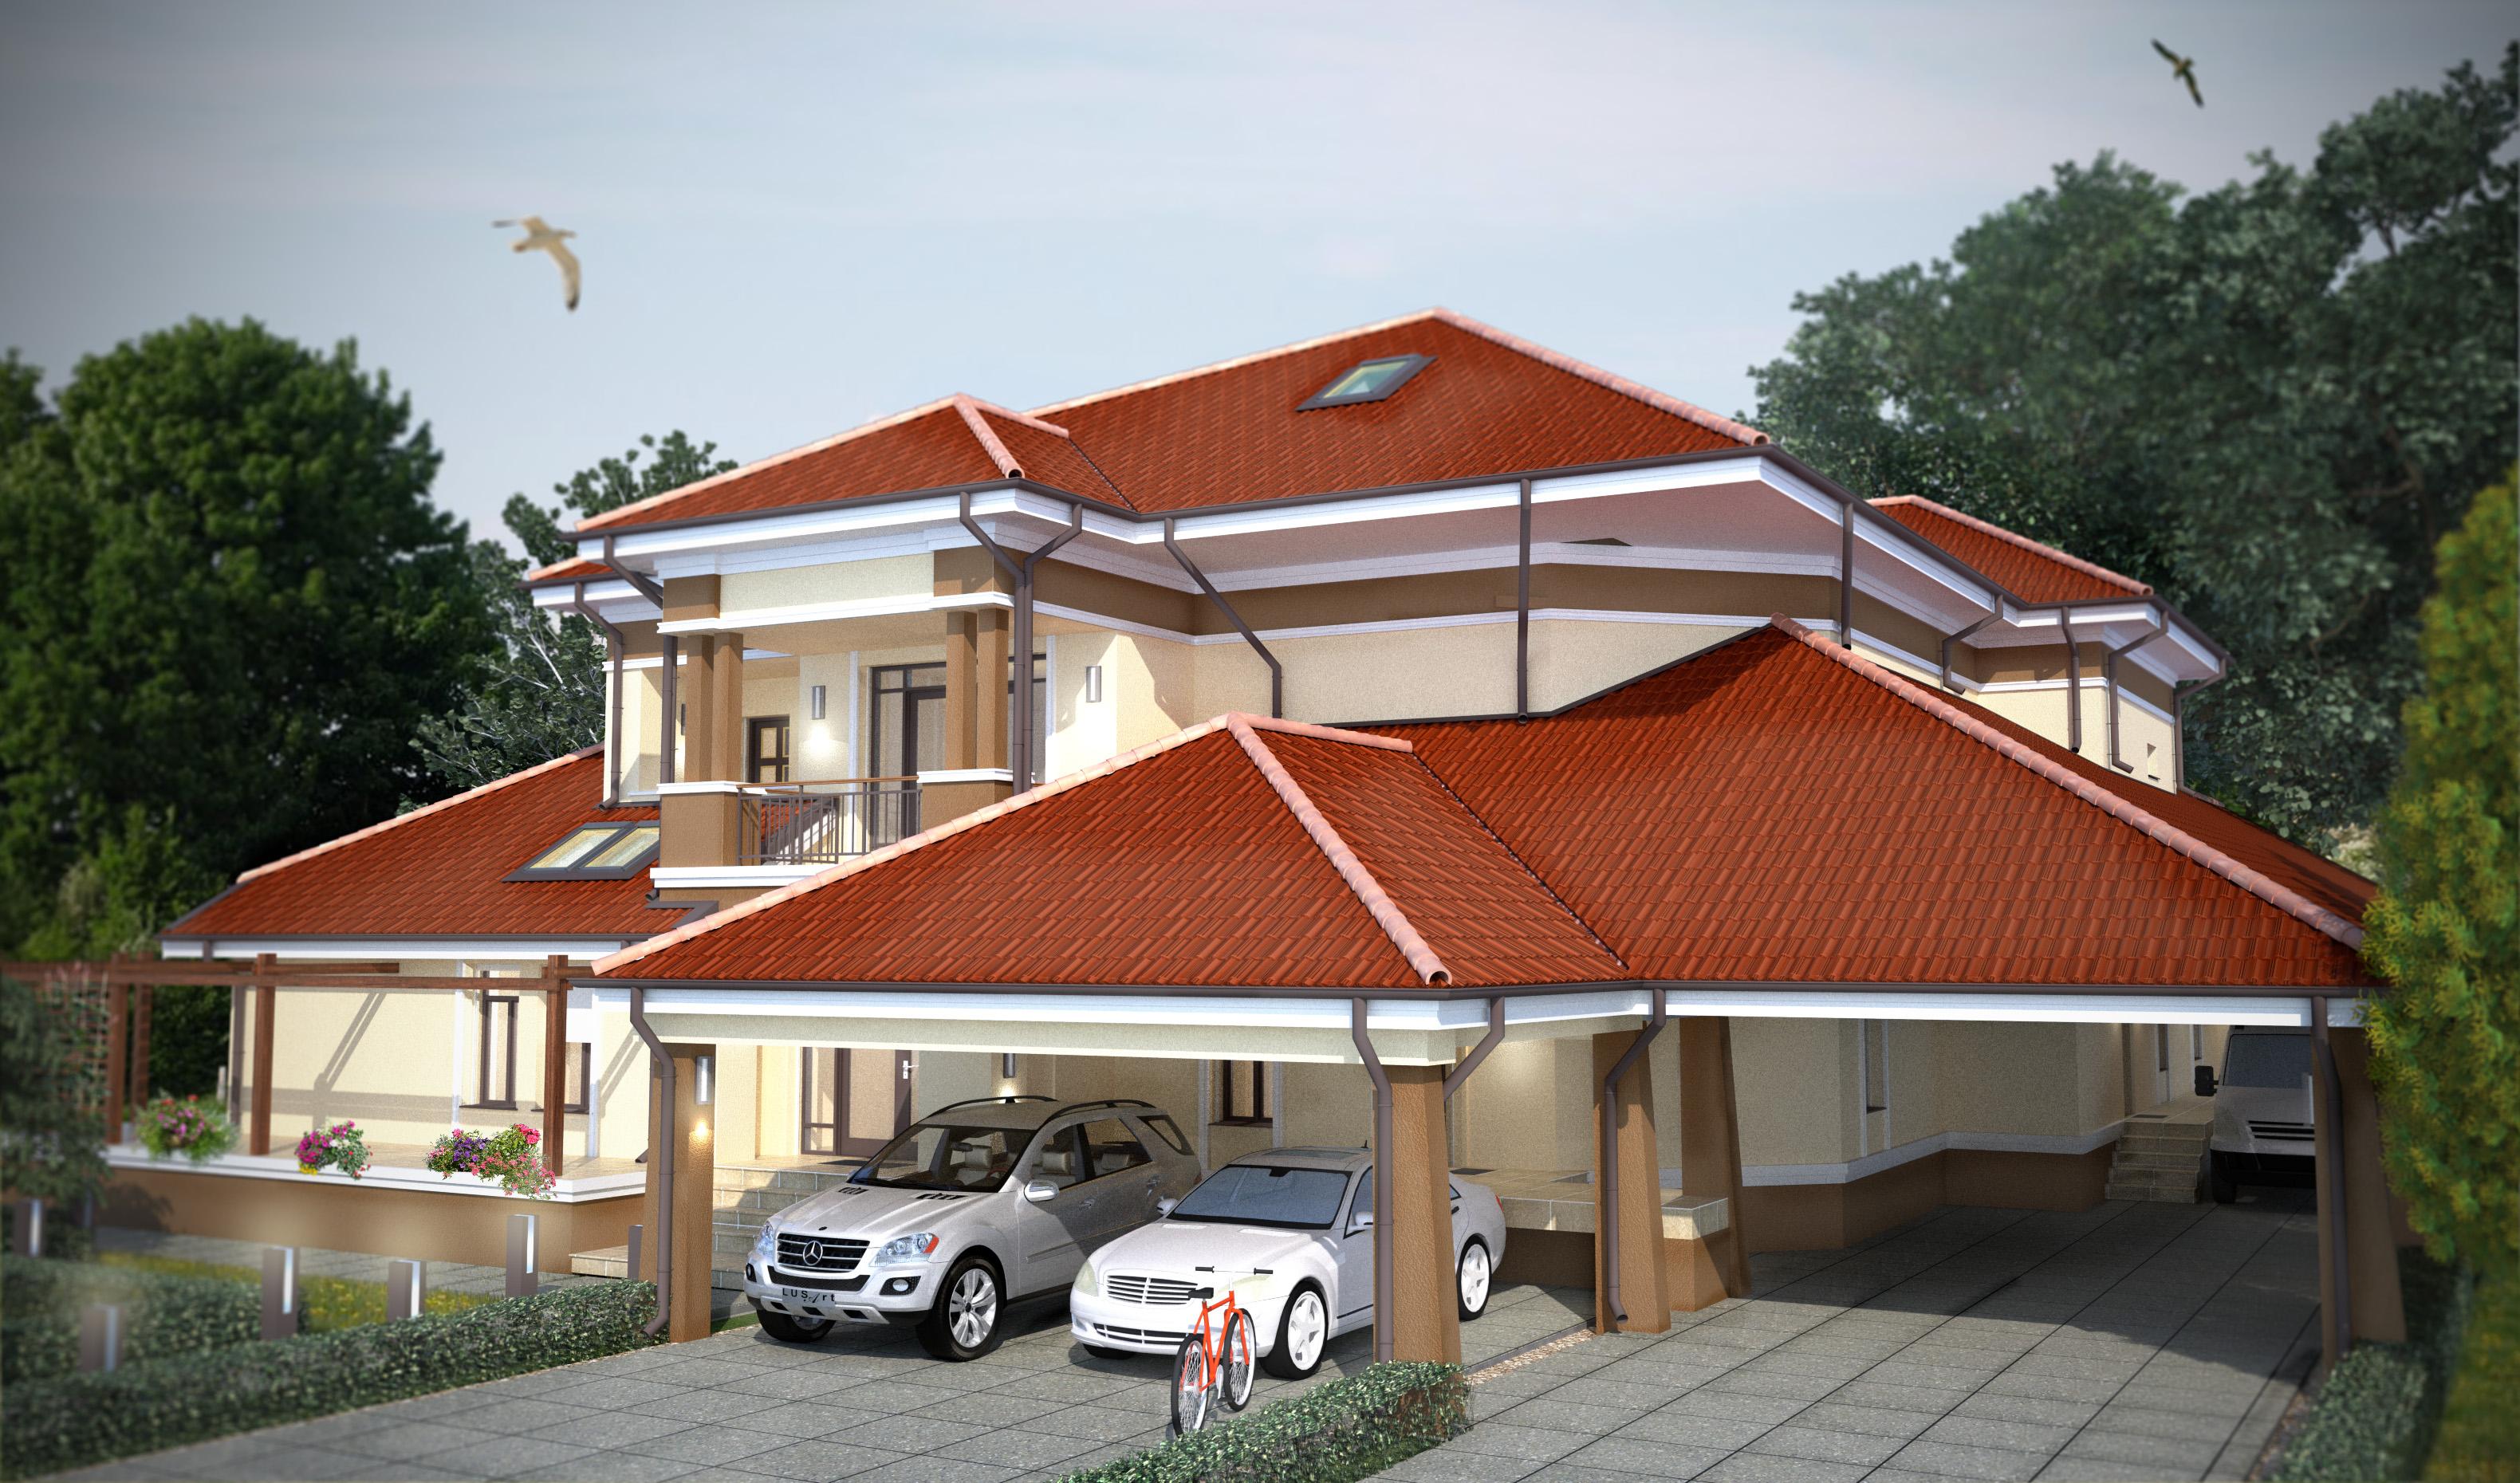 Proiecte de case proiecte case moderne proiecte case for Case de vis mici